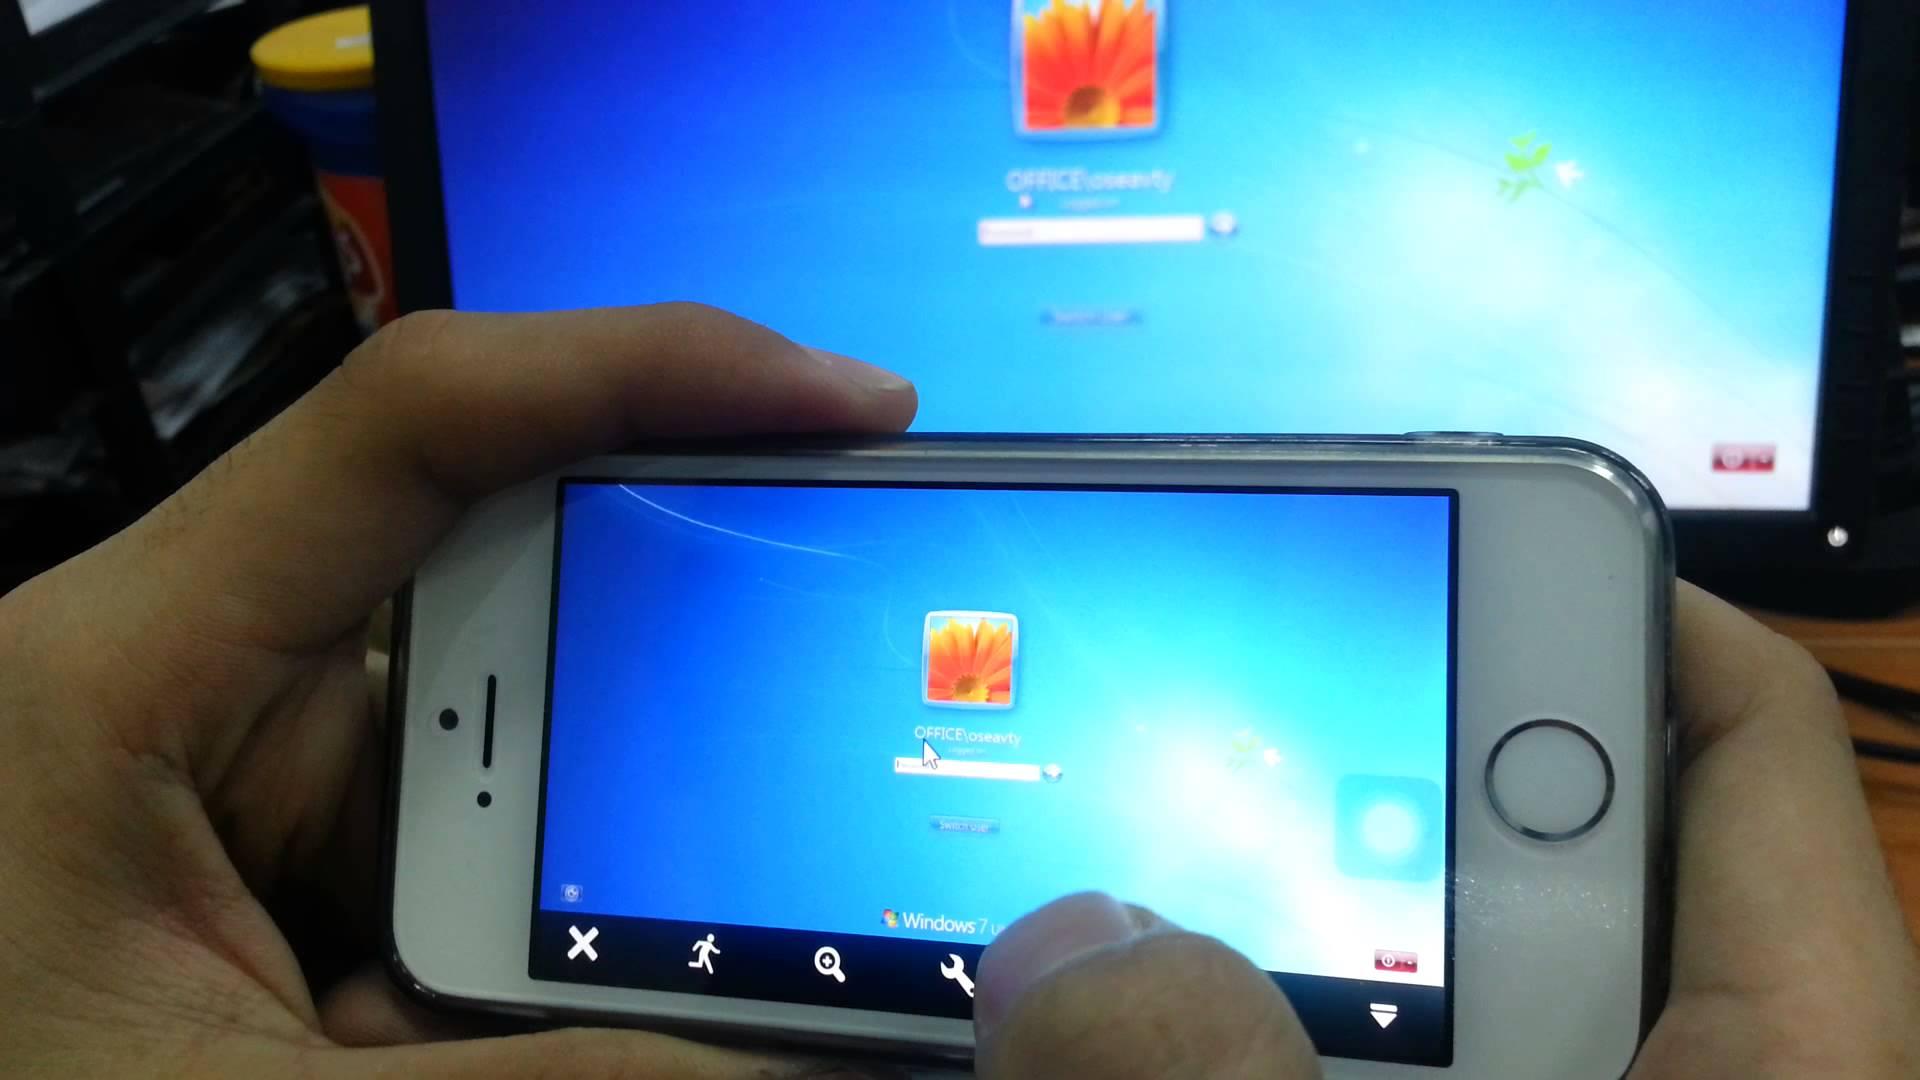 unnamed file 113 - Top 8 ứng dụng iOS giúp bạn điều khiển máy tính từ xa